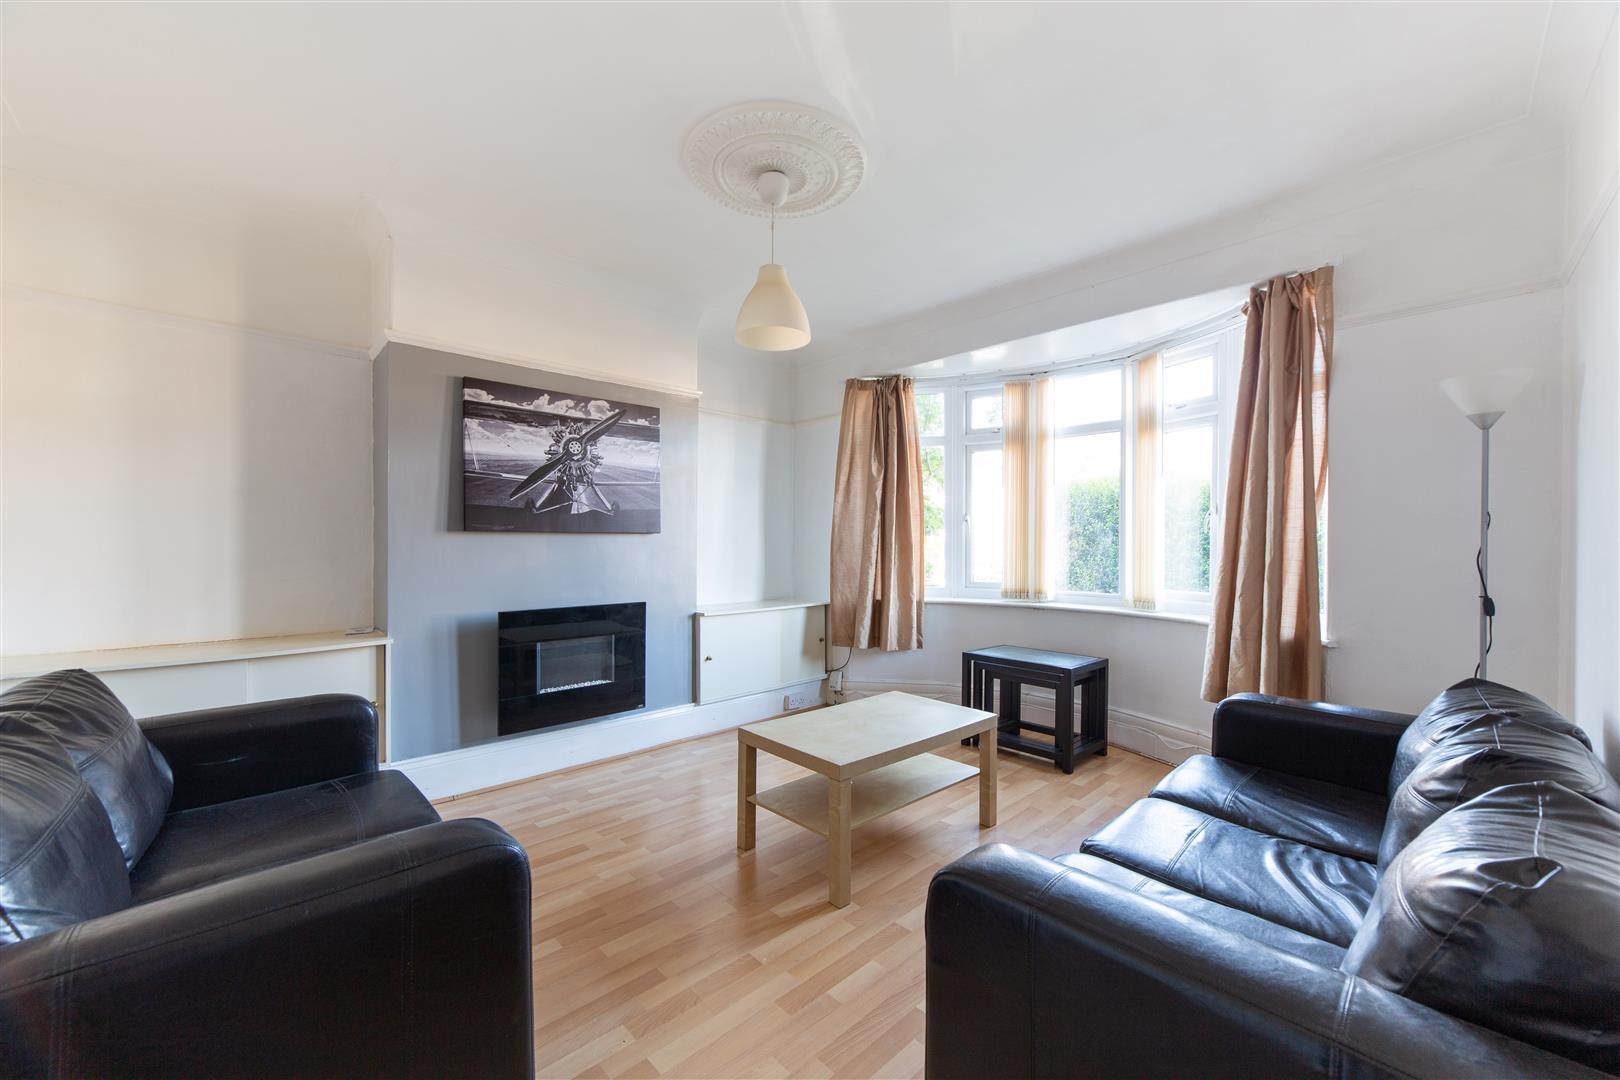 2 bed flat to rent in Benton Road, High Heaton, NE7